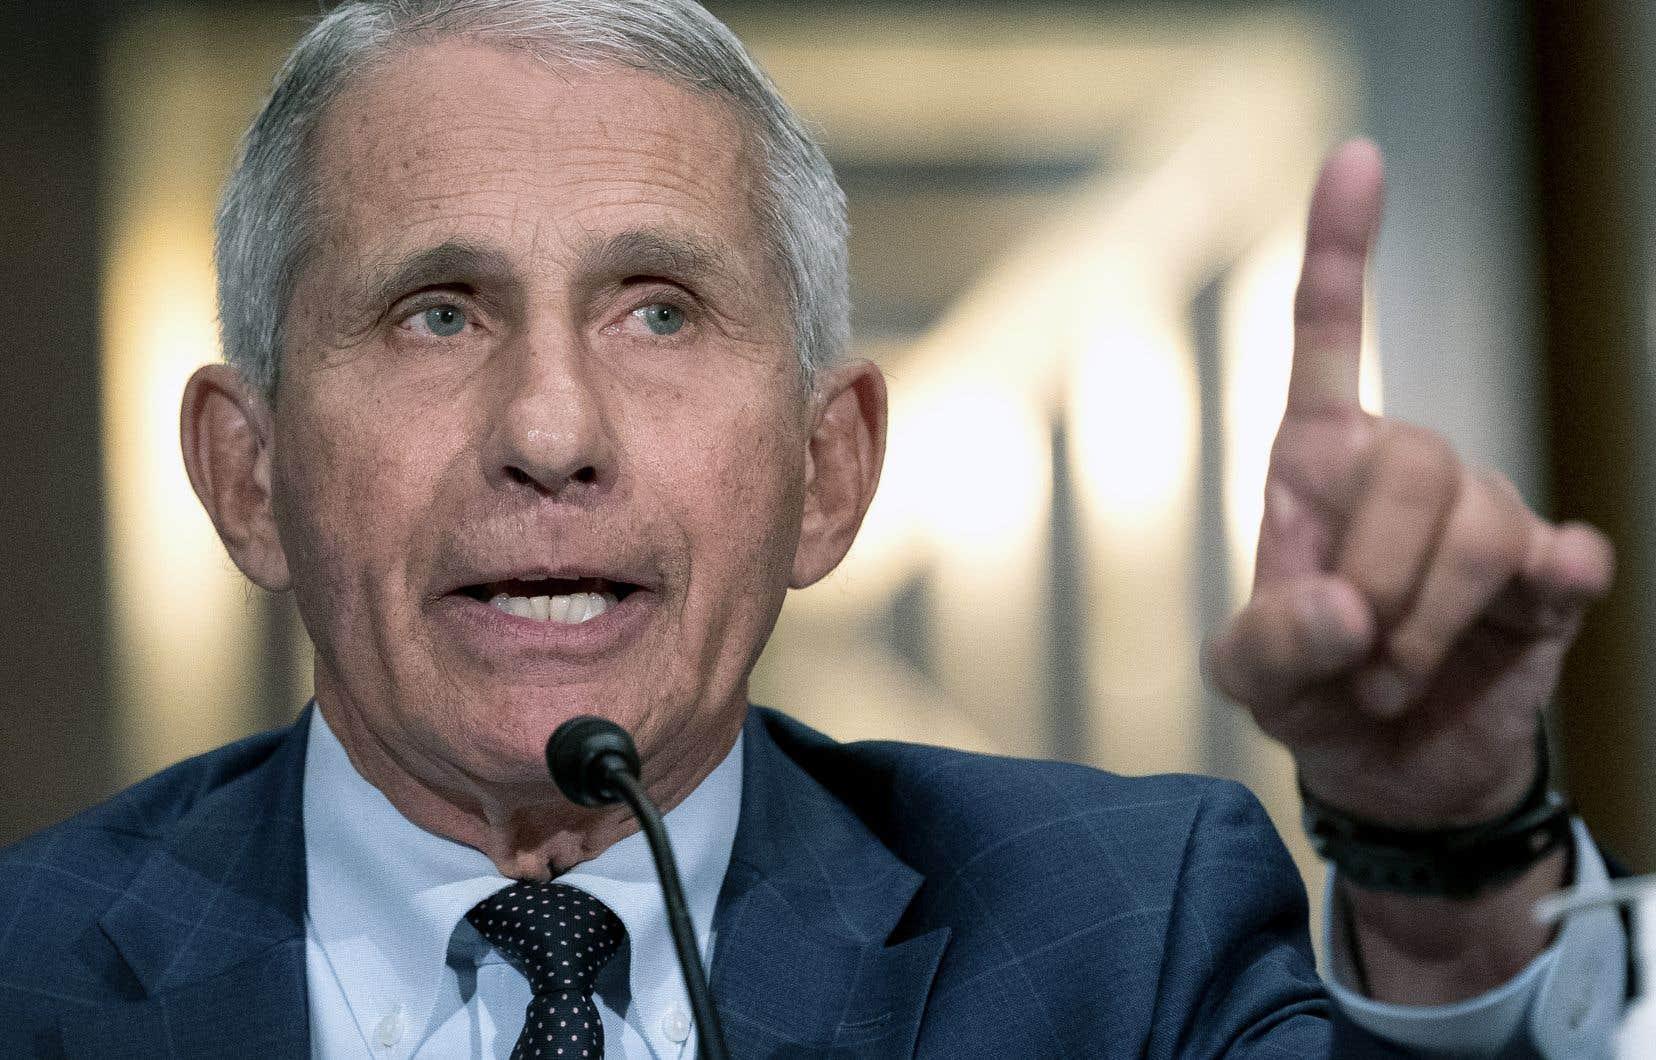 Le Dr Anthony Fauci a indiqué que les autorités examinaient la possibilité de recommander le port du couvre-visage aux Américains vaccinés.